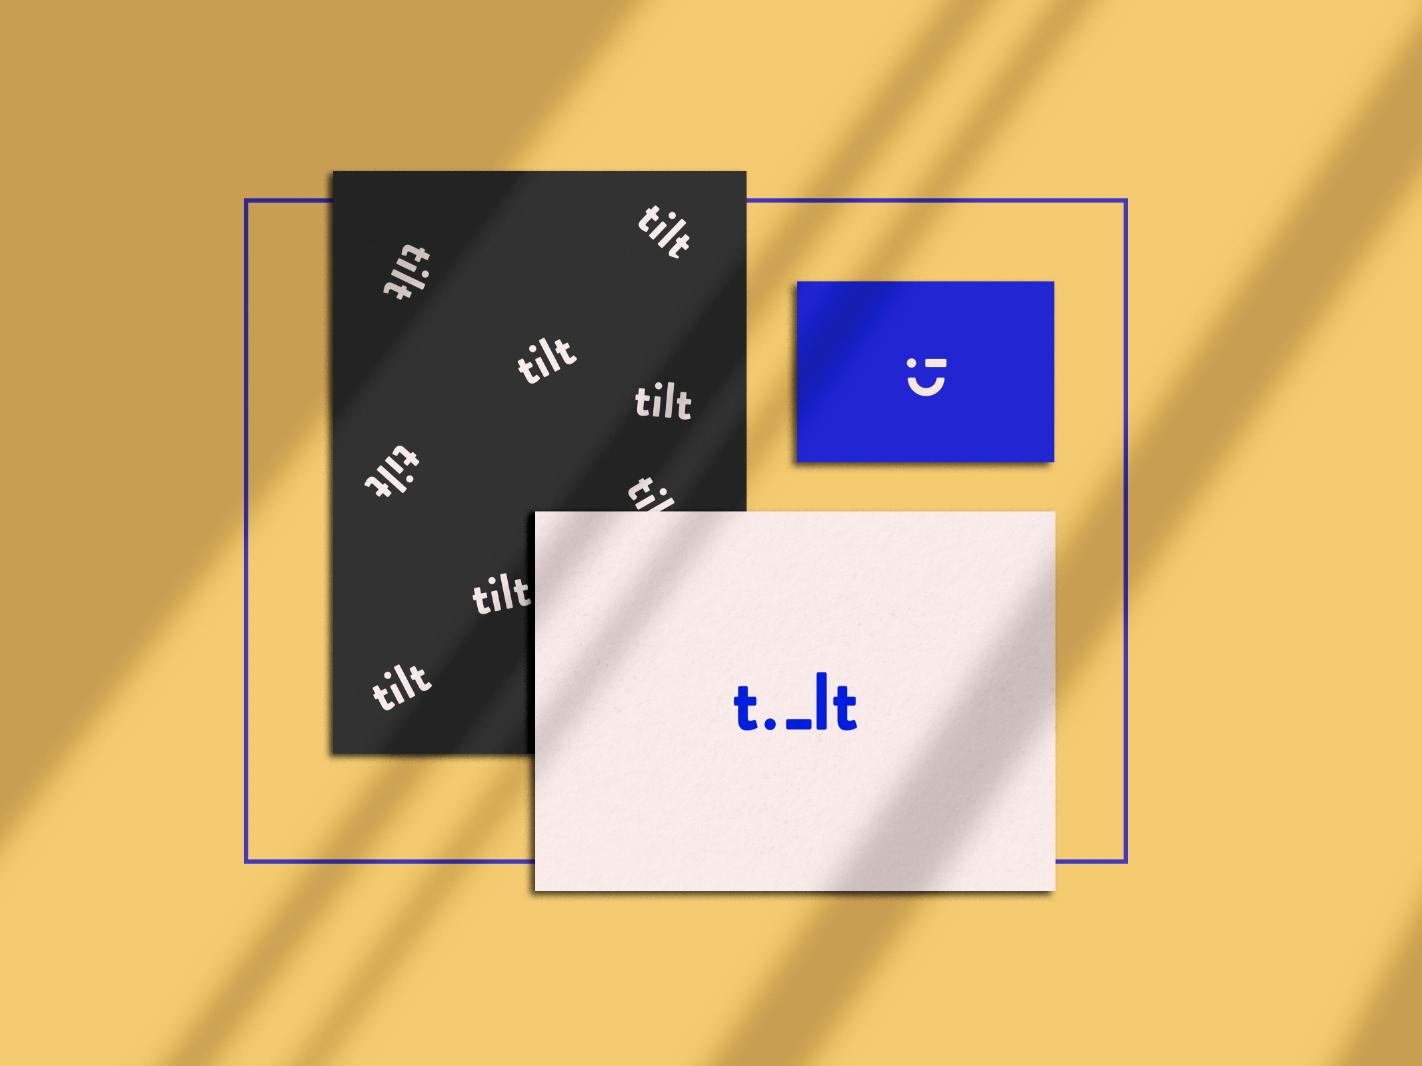 TiLT pink blue yellow wip mockup tilt branding identity logo design